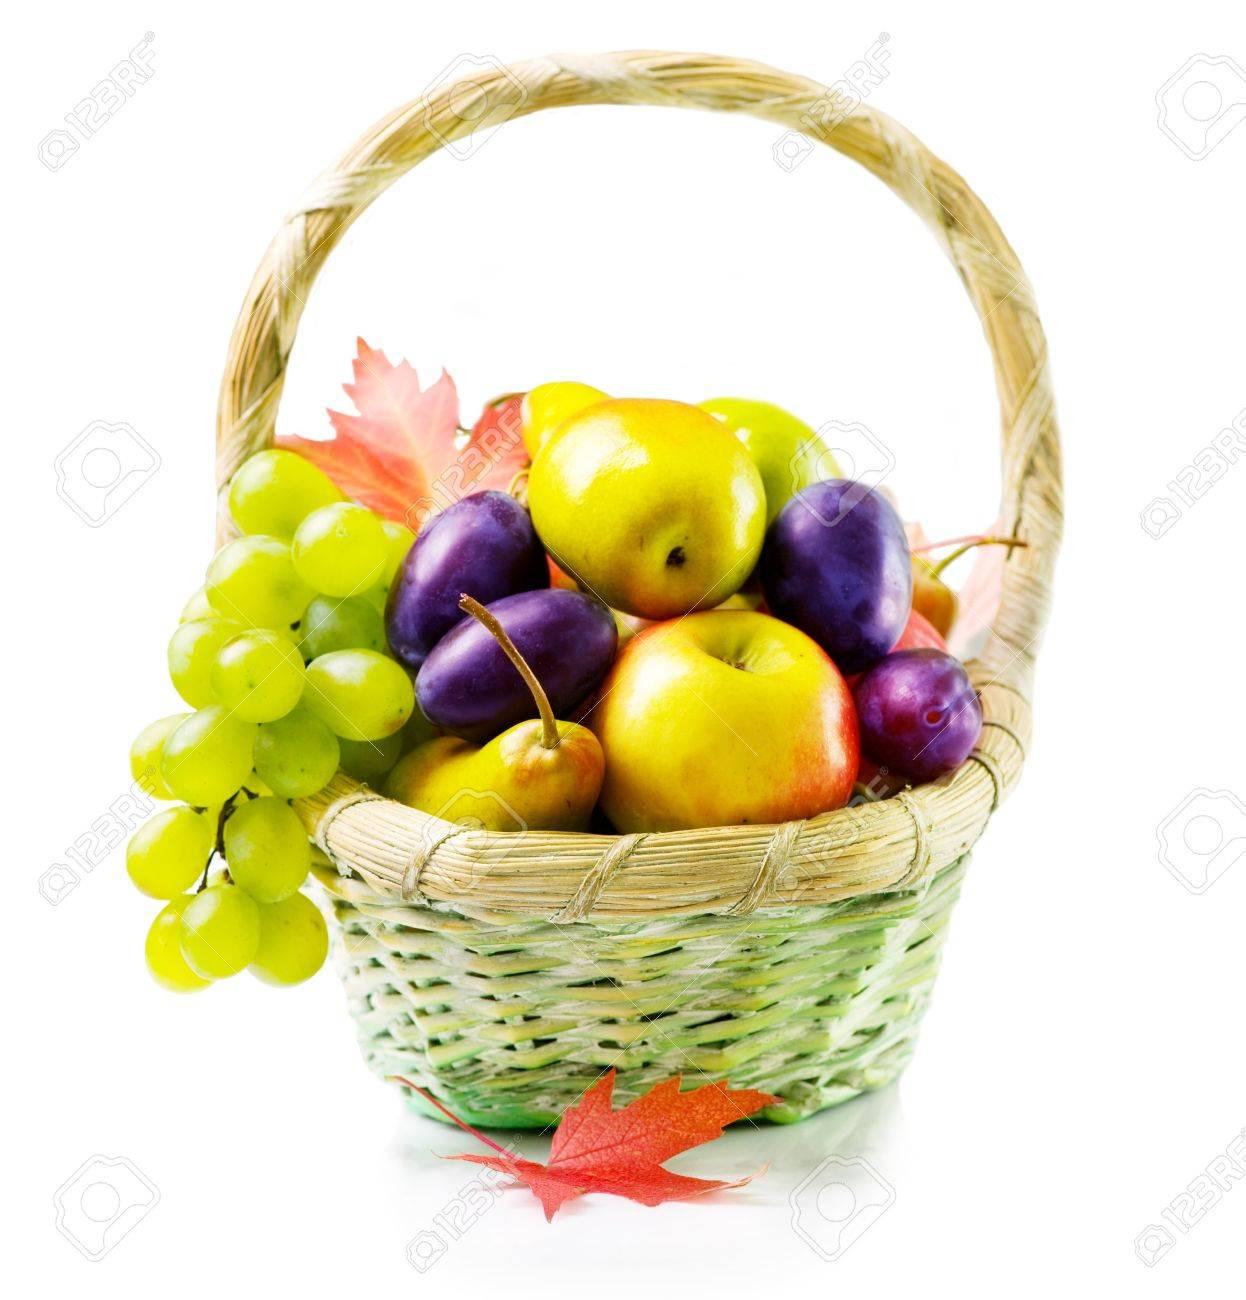 Organic ripe fruits. Isolated on White Stock Photo - 10688975